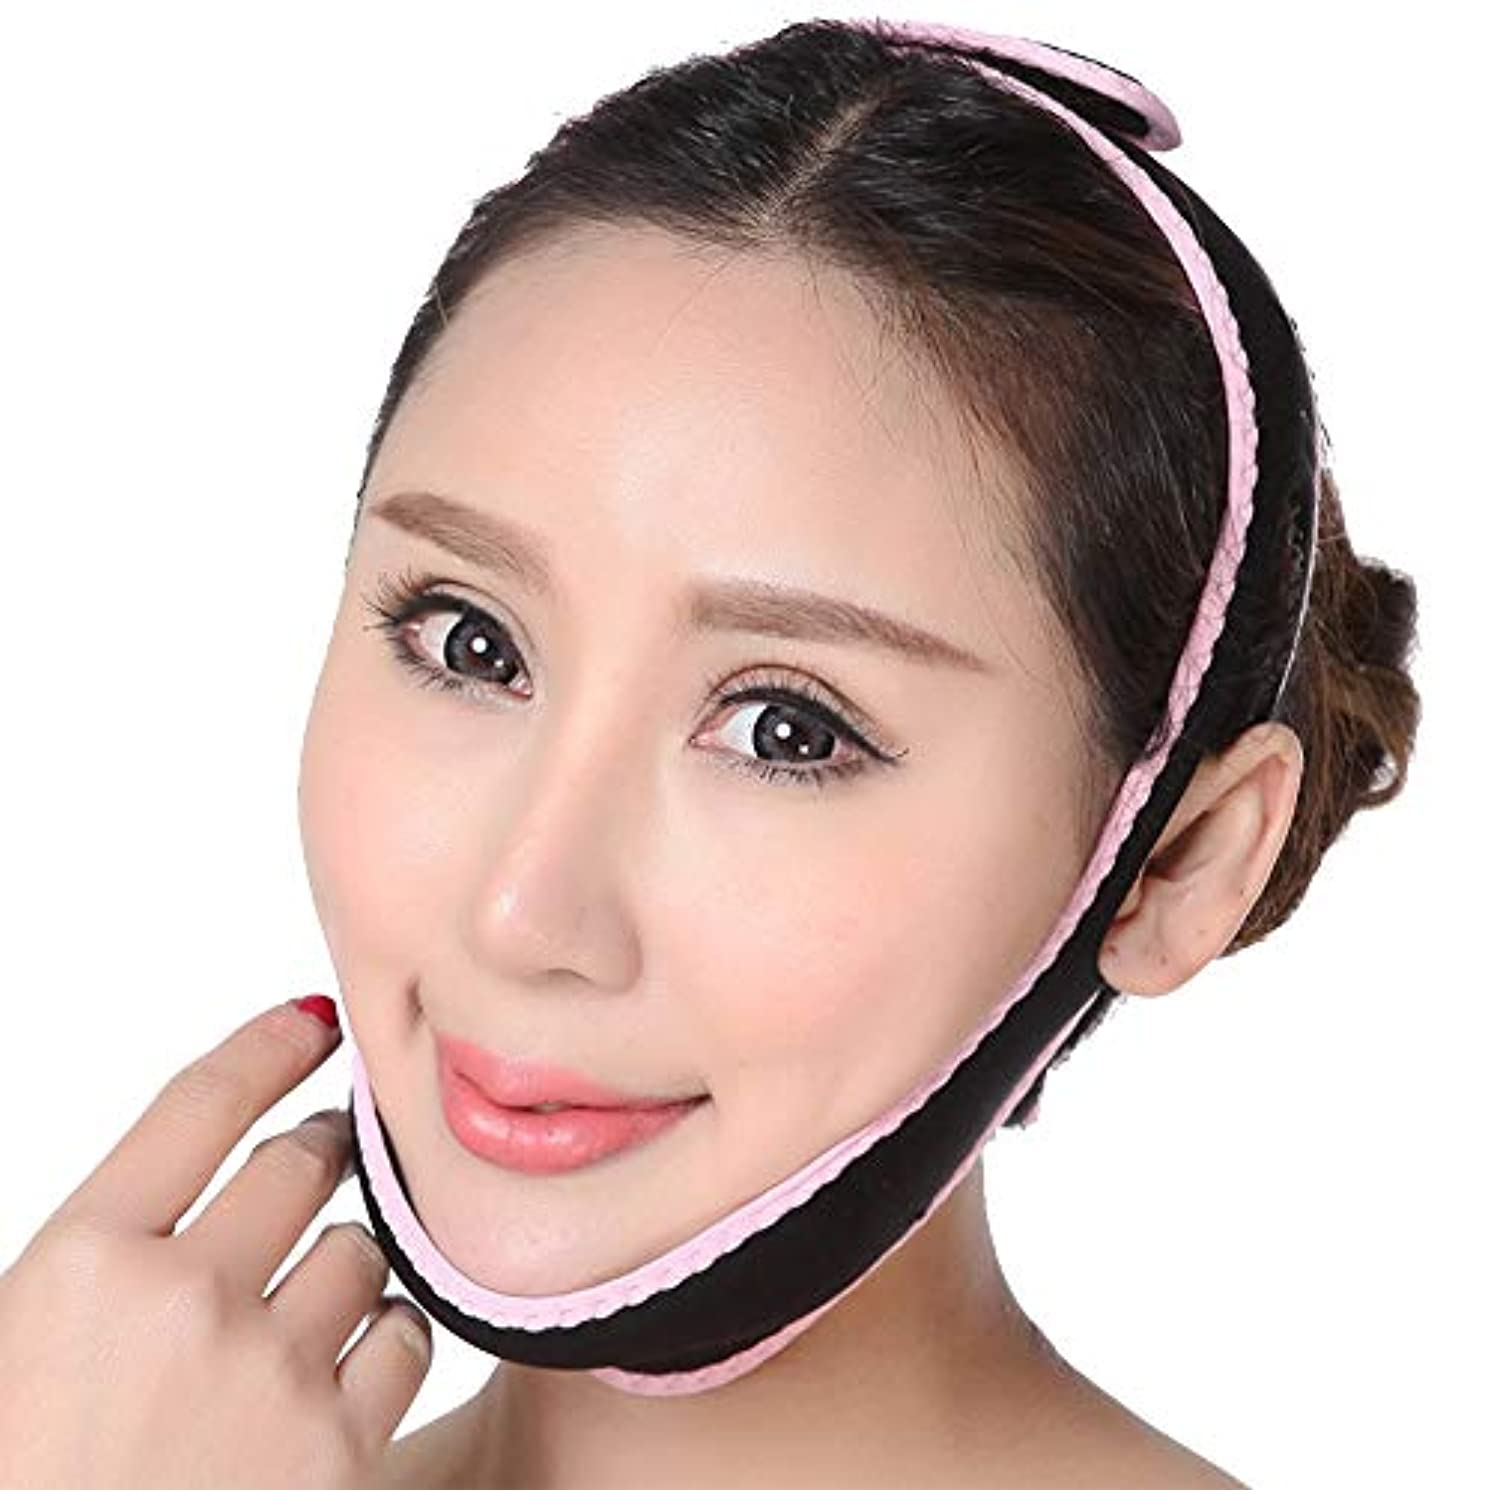 ナチュラ区別欠如女性用フェイススリミングマスク、ダブルチンレデューサー、フェイスリフティングベルト超薄型Vシェイプチンスリミングバンドアンチリンクルレディフェイシャルアンチエイジングストラップマスクチークスリムビューティーツール